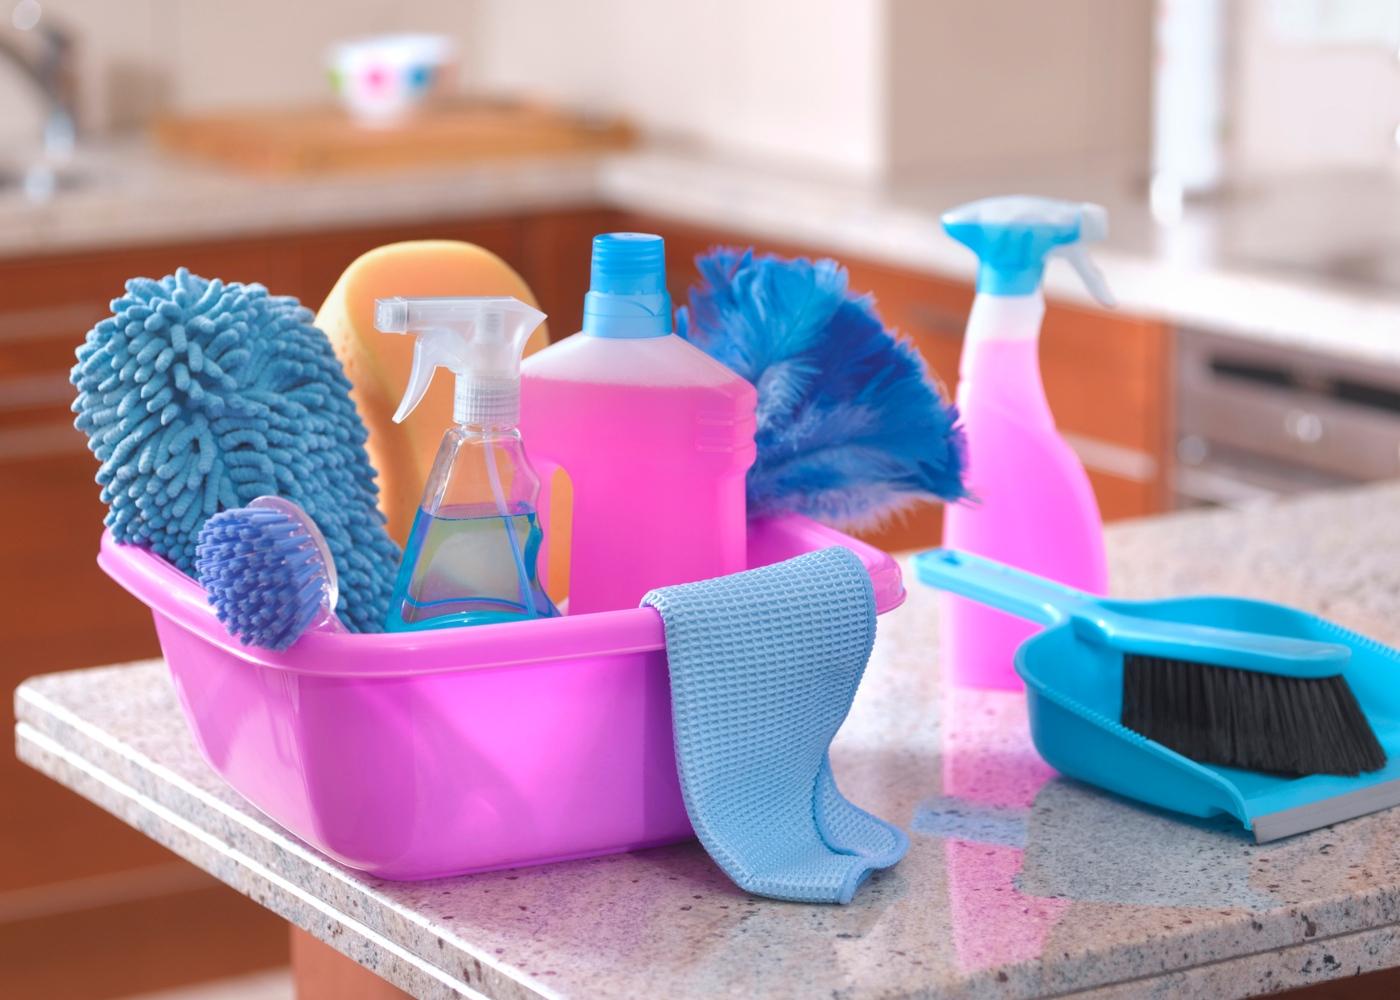 como desinfetar superfícies: materiais de limpeza em cima de mesa